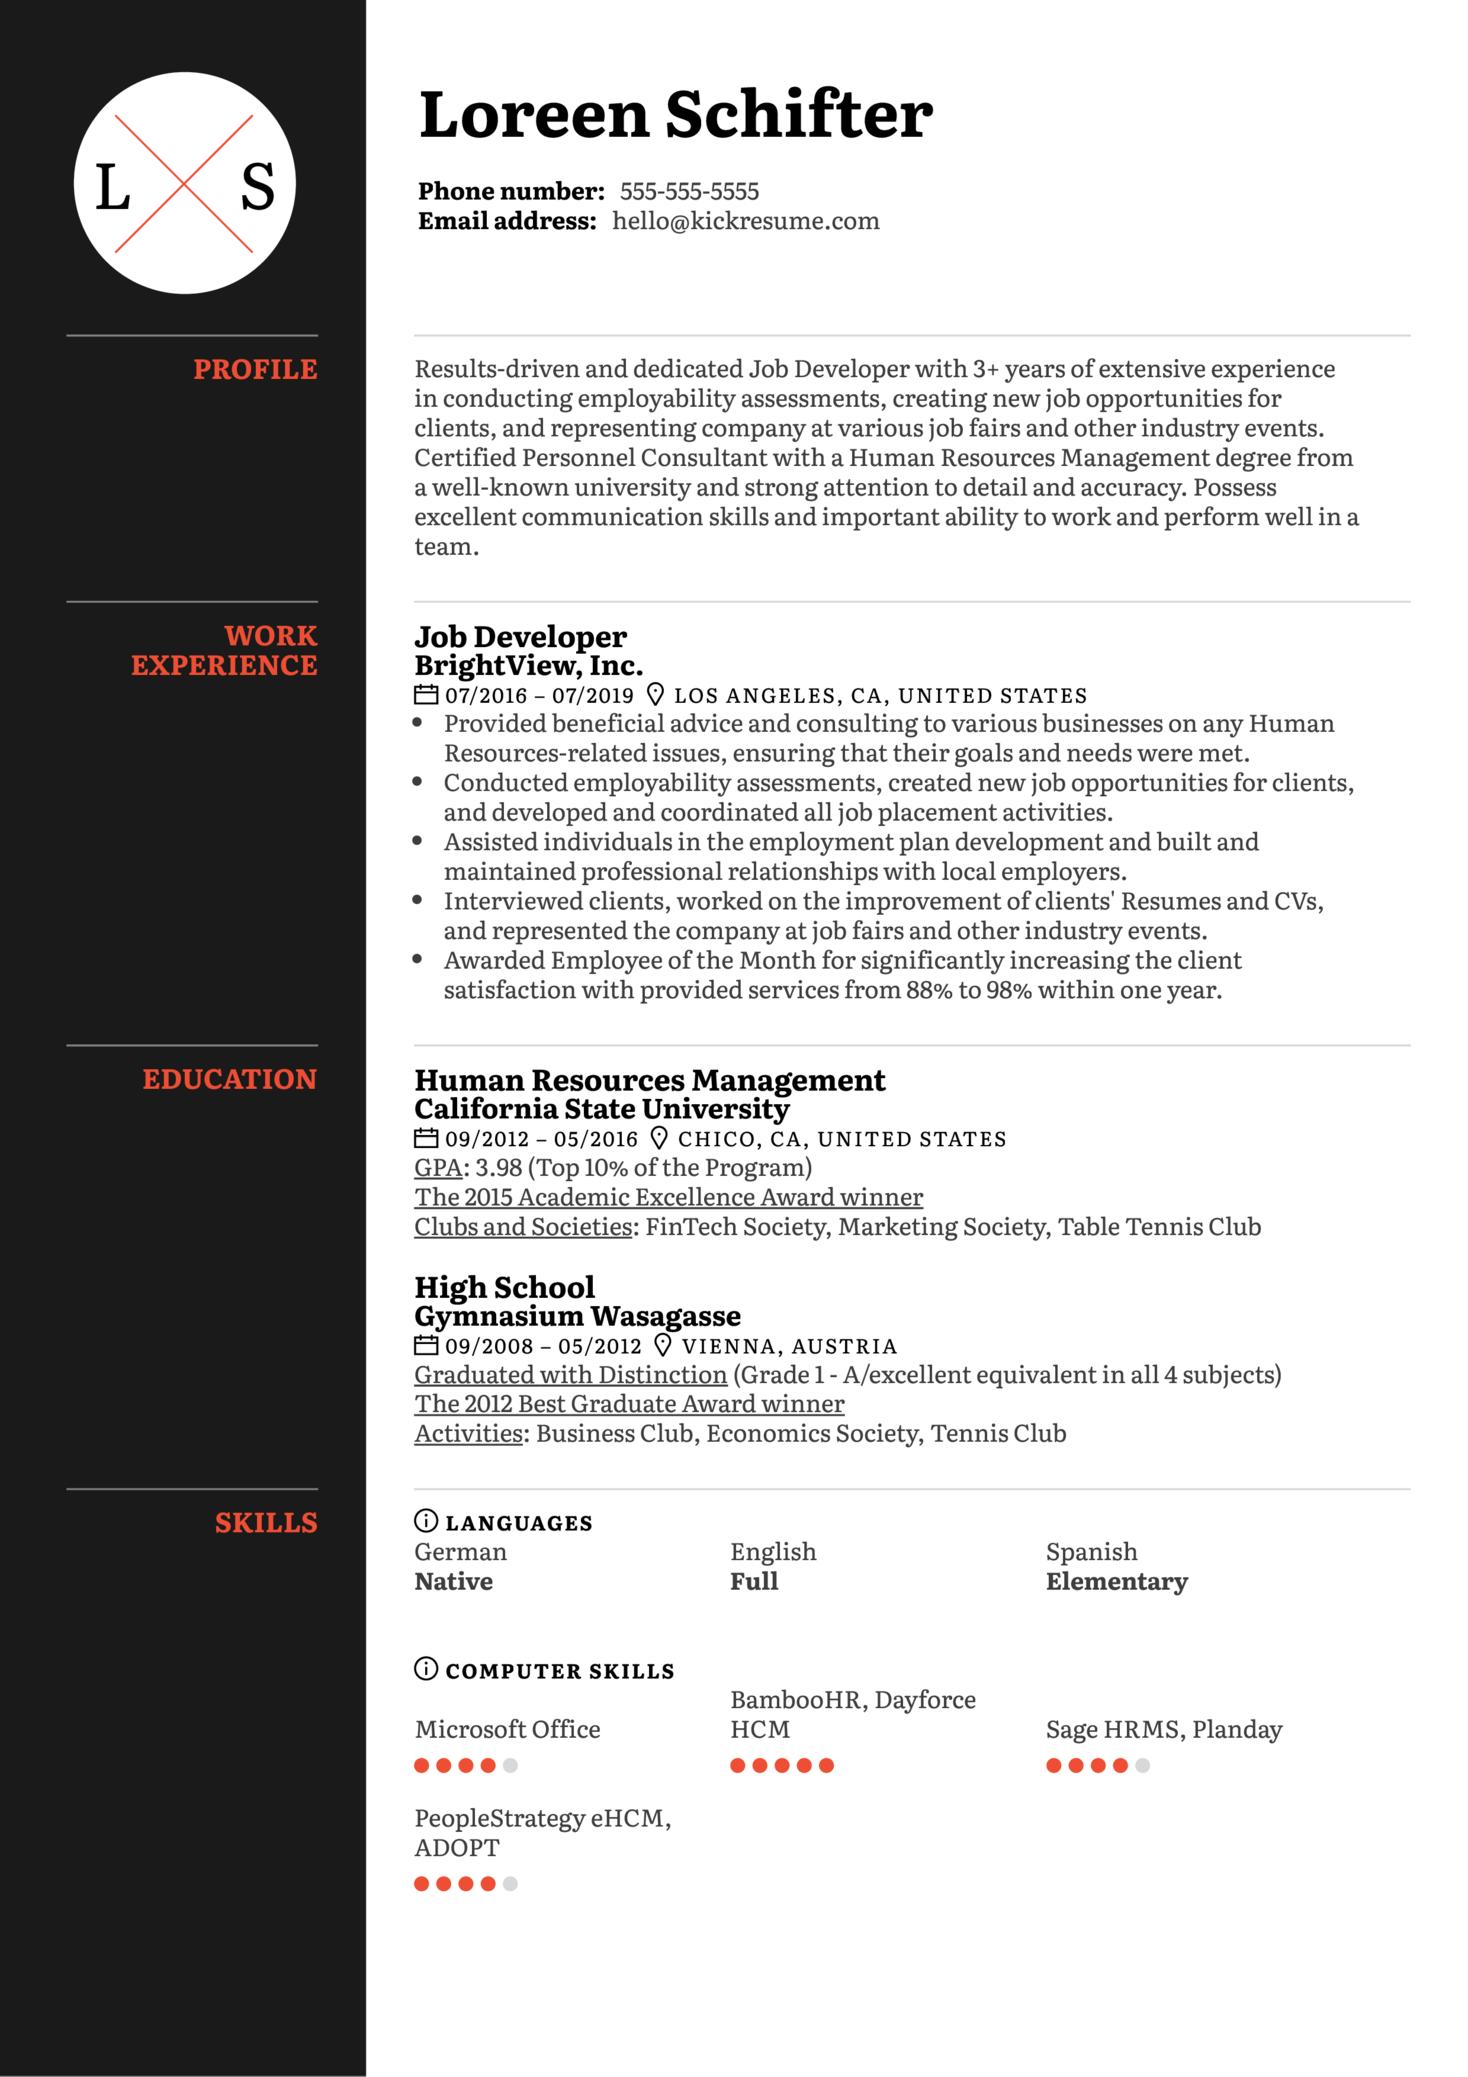 Job Developer Resume Sample (časť 1)